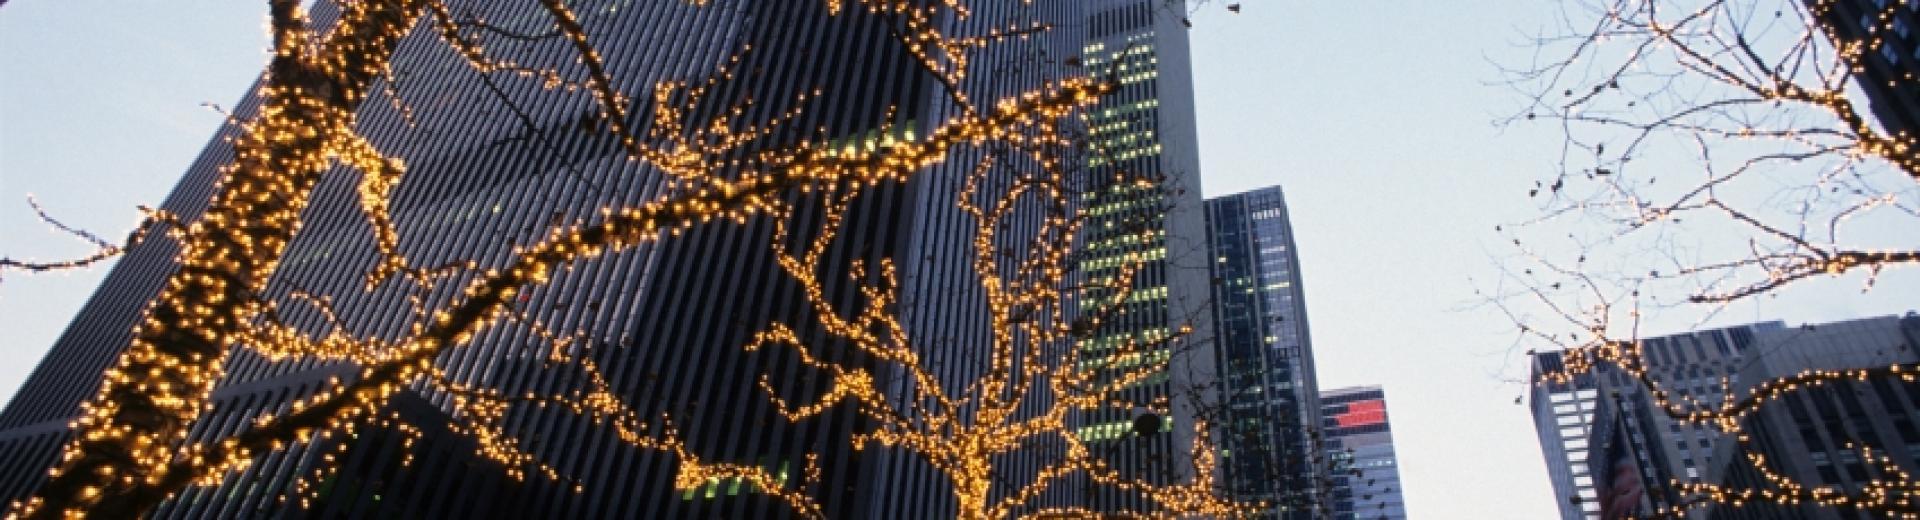 NYCXmas